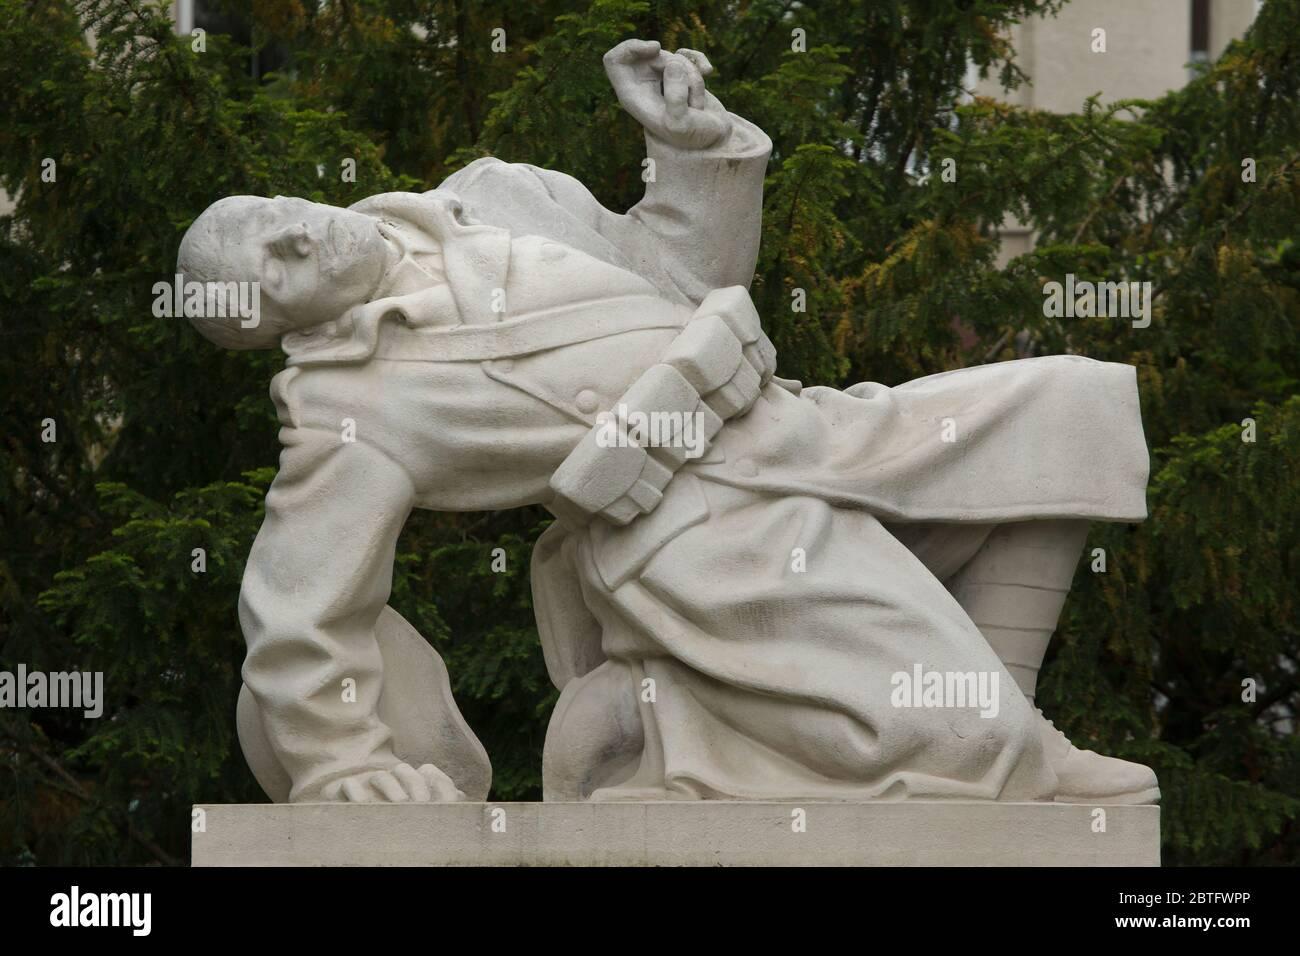 Mémorial des morts de la première Guerre mondiale dans le quartier de Střešovice à Prague, République tchèque. Le mémorial conçu par le sculpteur tchèque Josef Franěk (1929) est consacré aux habitants du quartier Střešovice tombés pendant la première Guerre mondiale. Banque D'Images